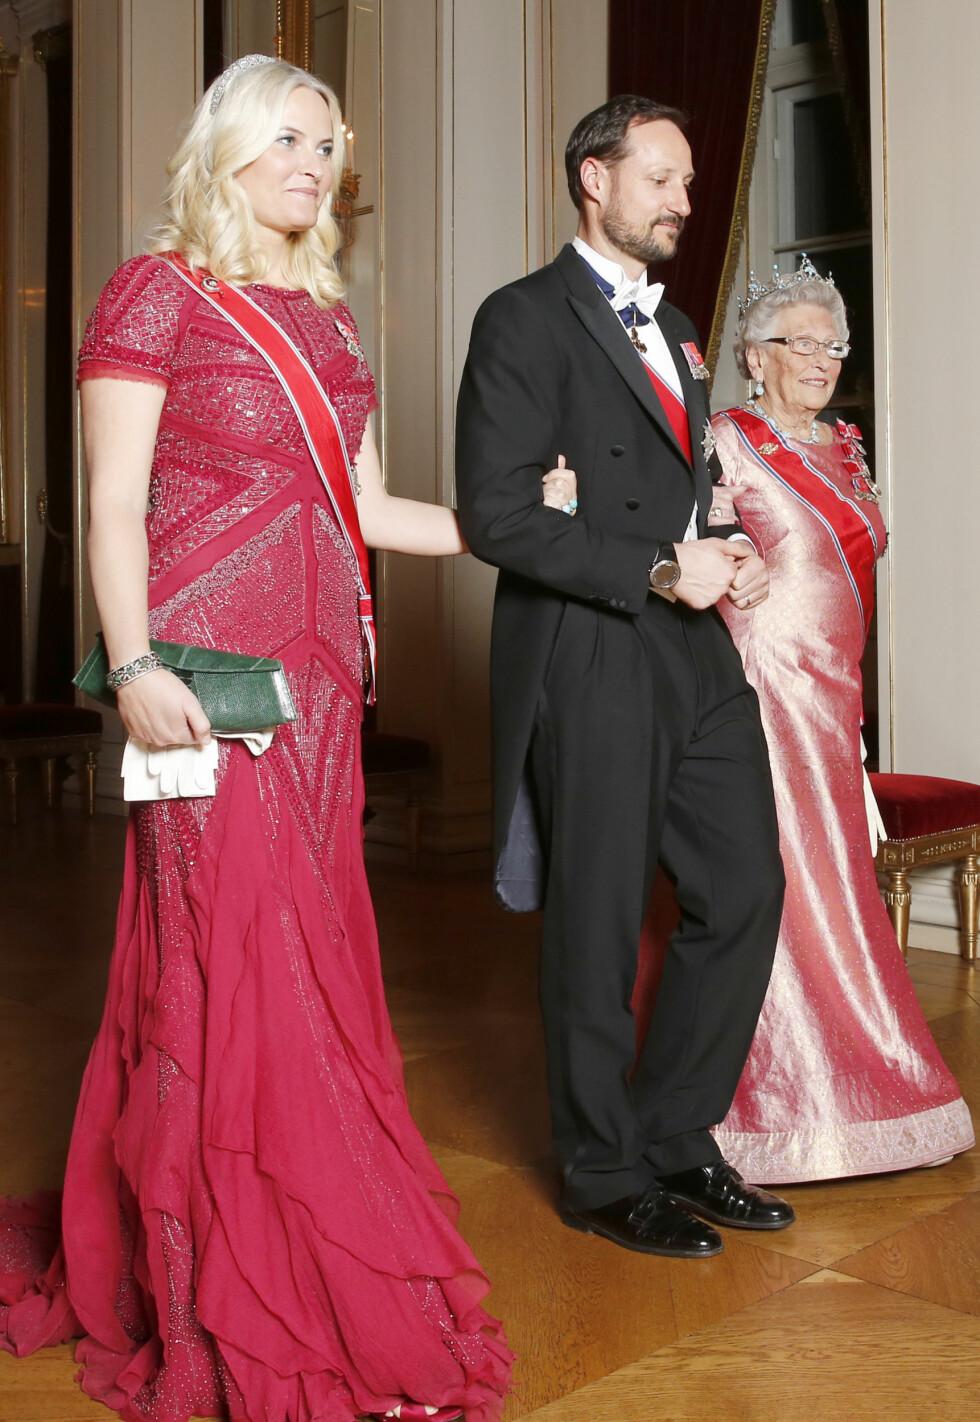 GJENBRUK: I mars deltok kronprinsparet på Diplomatmiddag på Slottet, og kronprinsesse Mette-Marit gikk for en gammel klassiker - nemlig den fantastiske kreasjonen fra Pucci. Her med kong Haralds søster Prinsesse Astrid, fru Ferner. Foto: NTB Scanpix